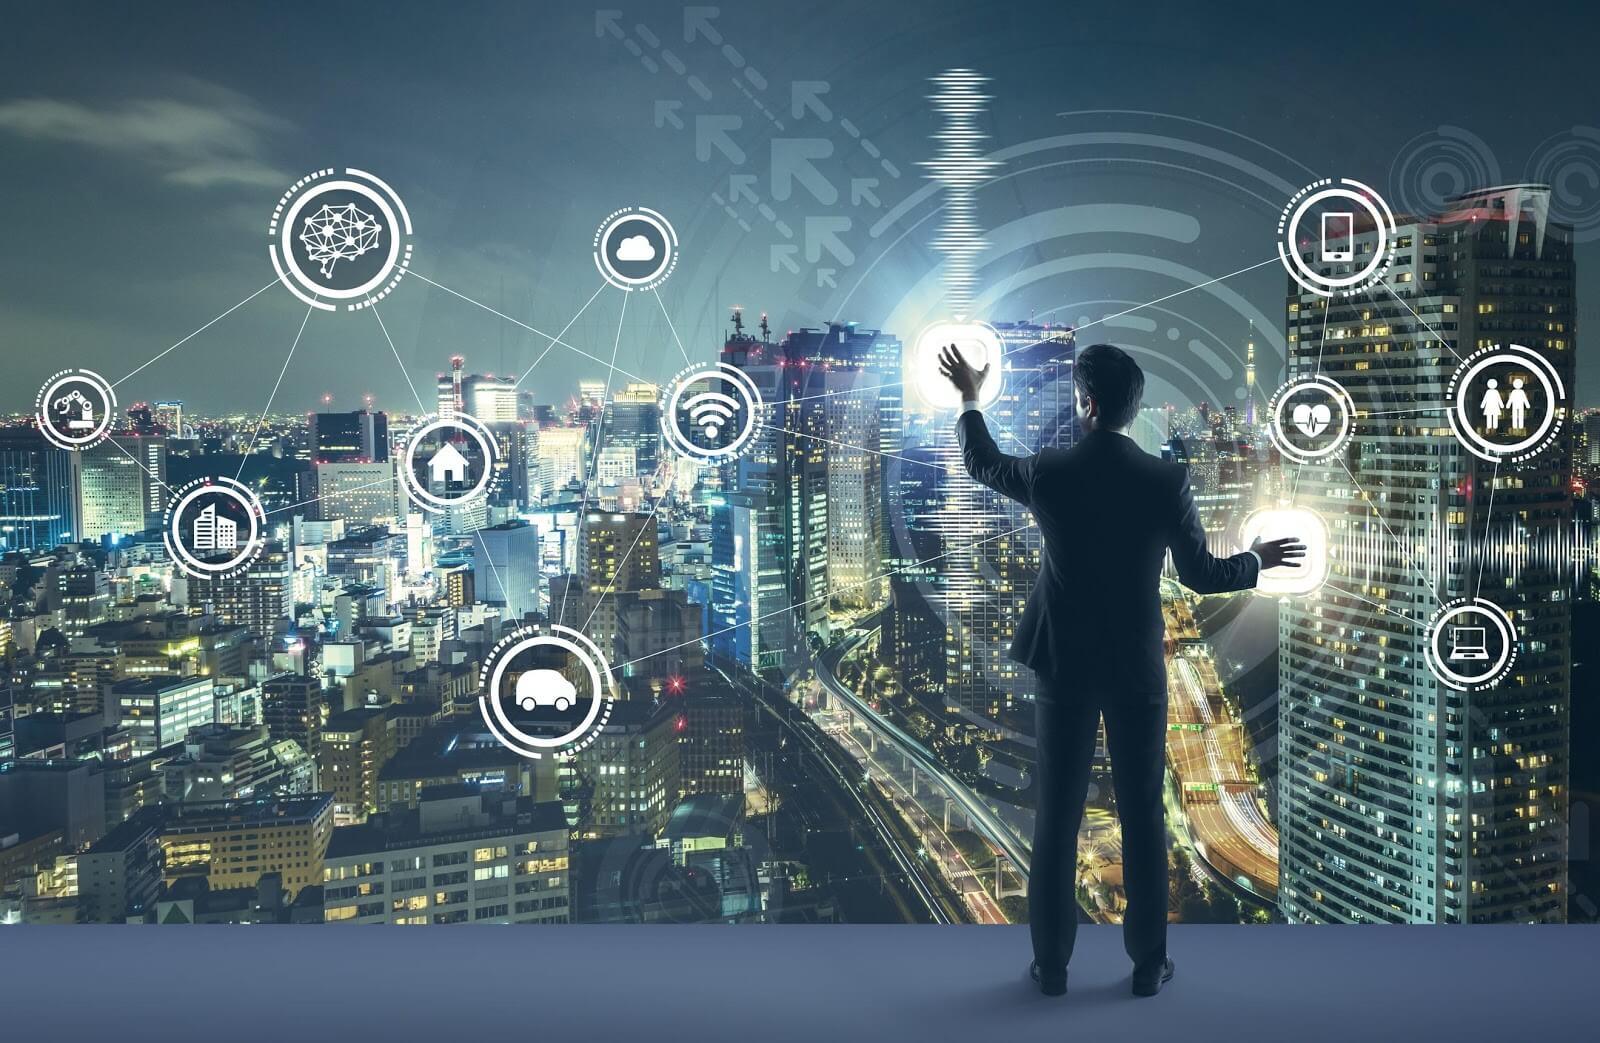 Vinhomes Smart City Tây Mỗ - Đại Mỗ Đại đô thị Thông minh Đẳng cấp Quốc tế